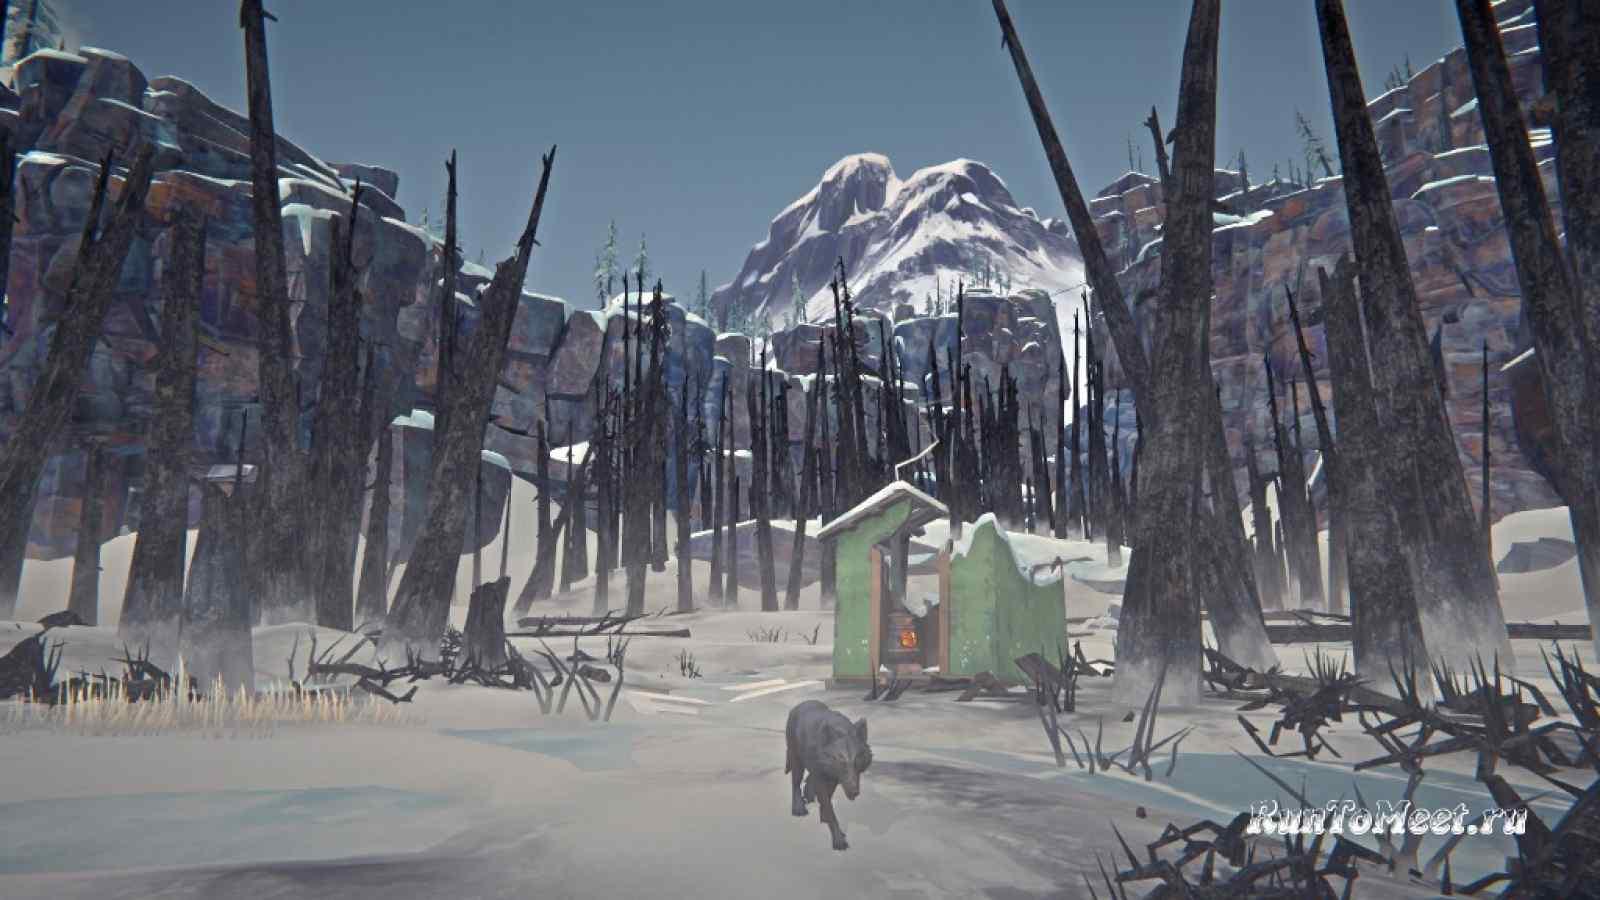 Заставка локации Пепельный каньон в игре The long dark